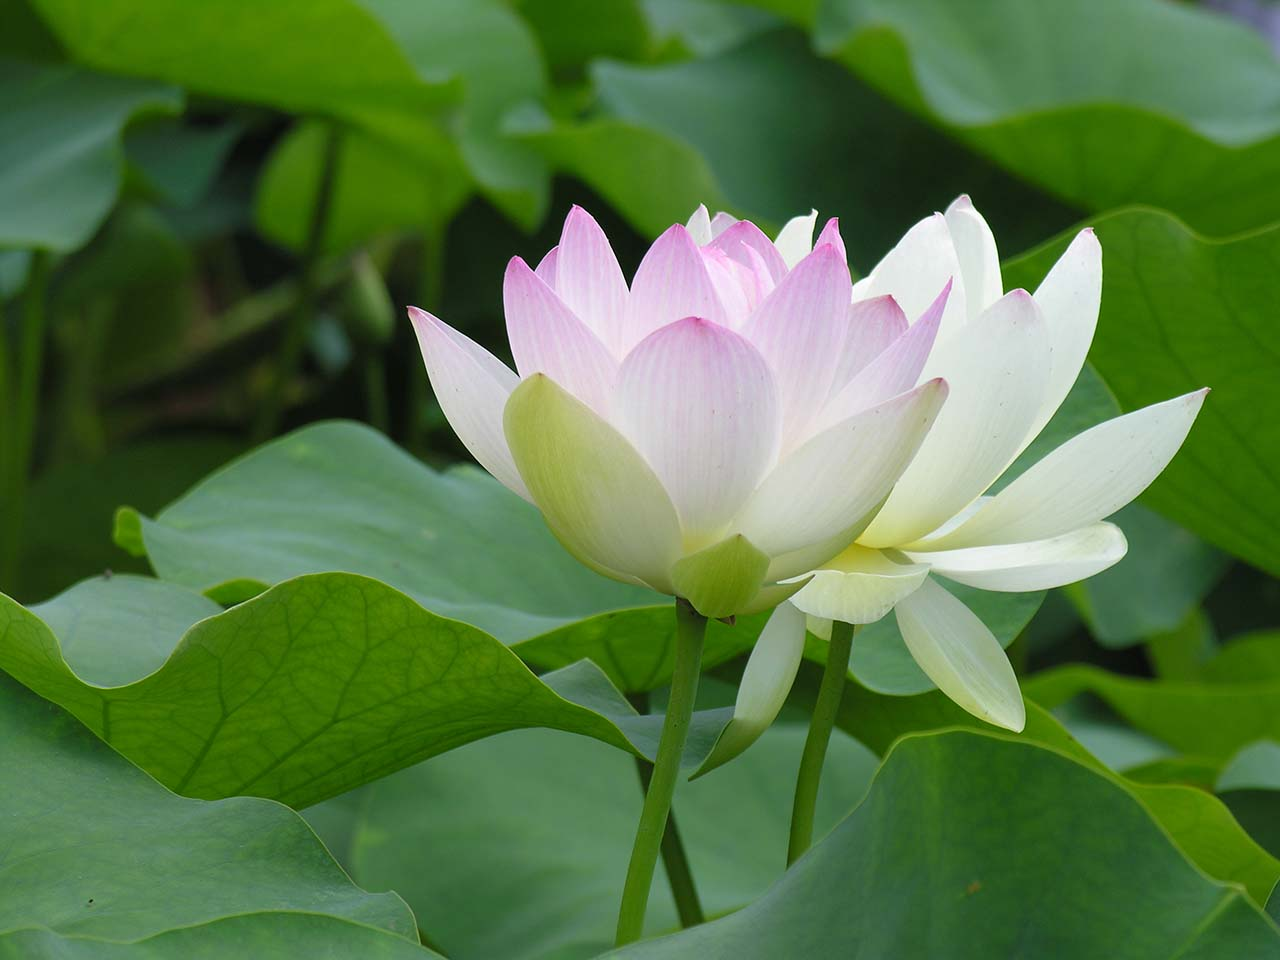 Ảnh hoa sen trắng hồng đẹp